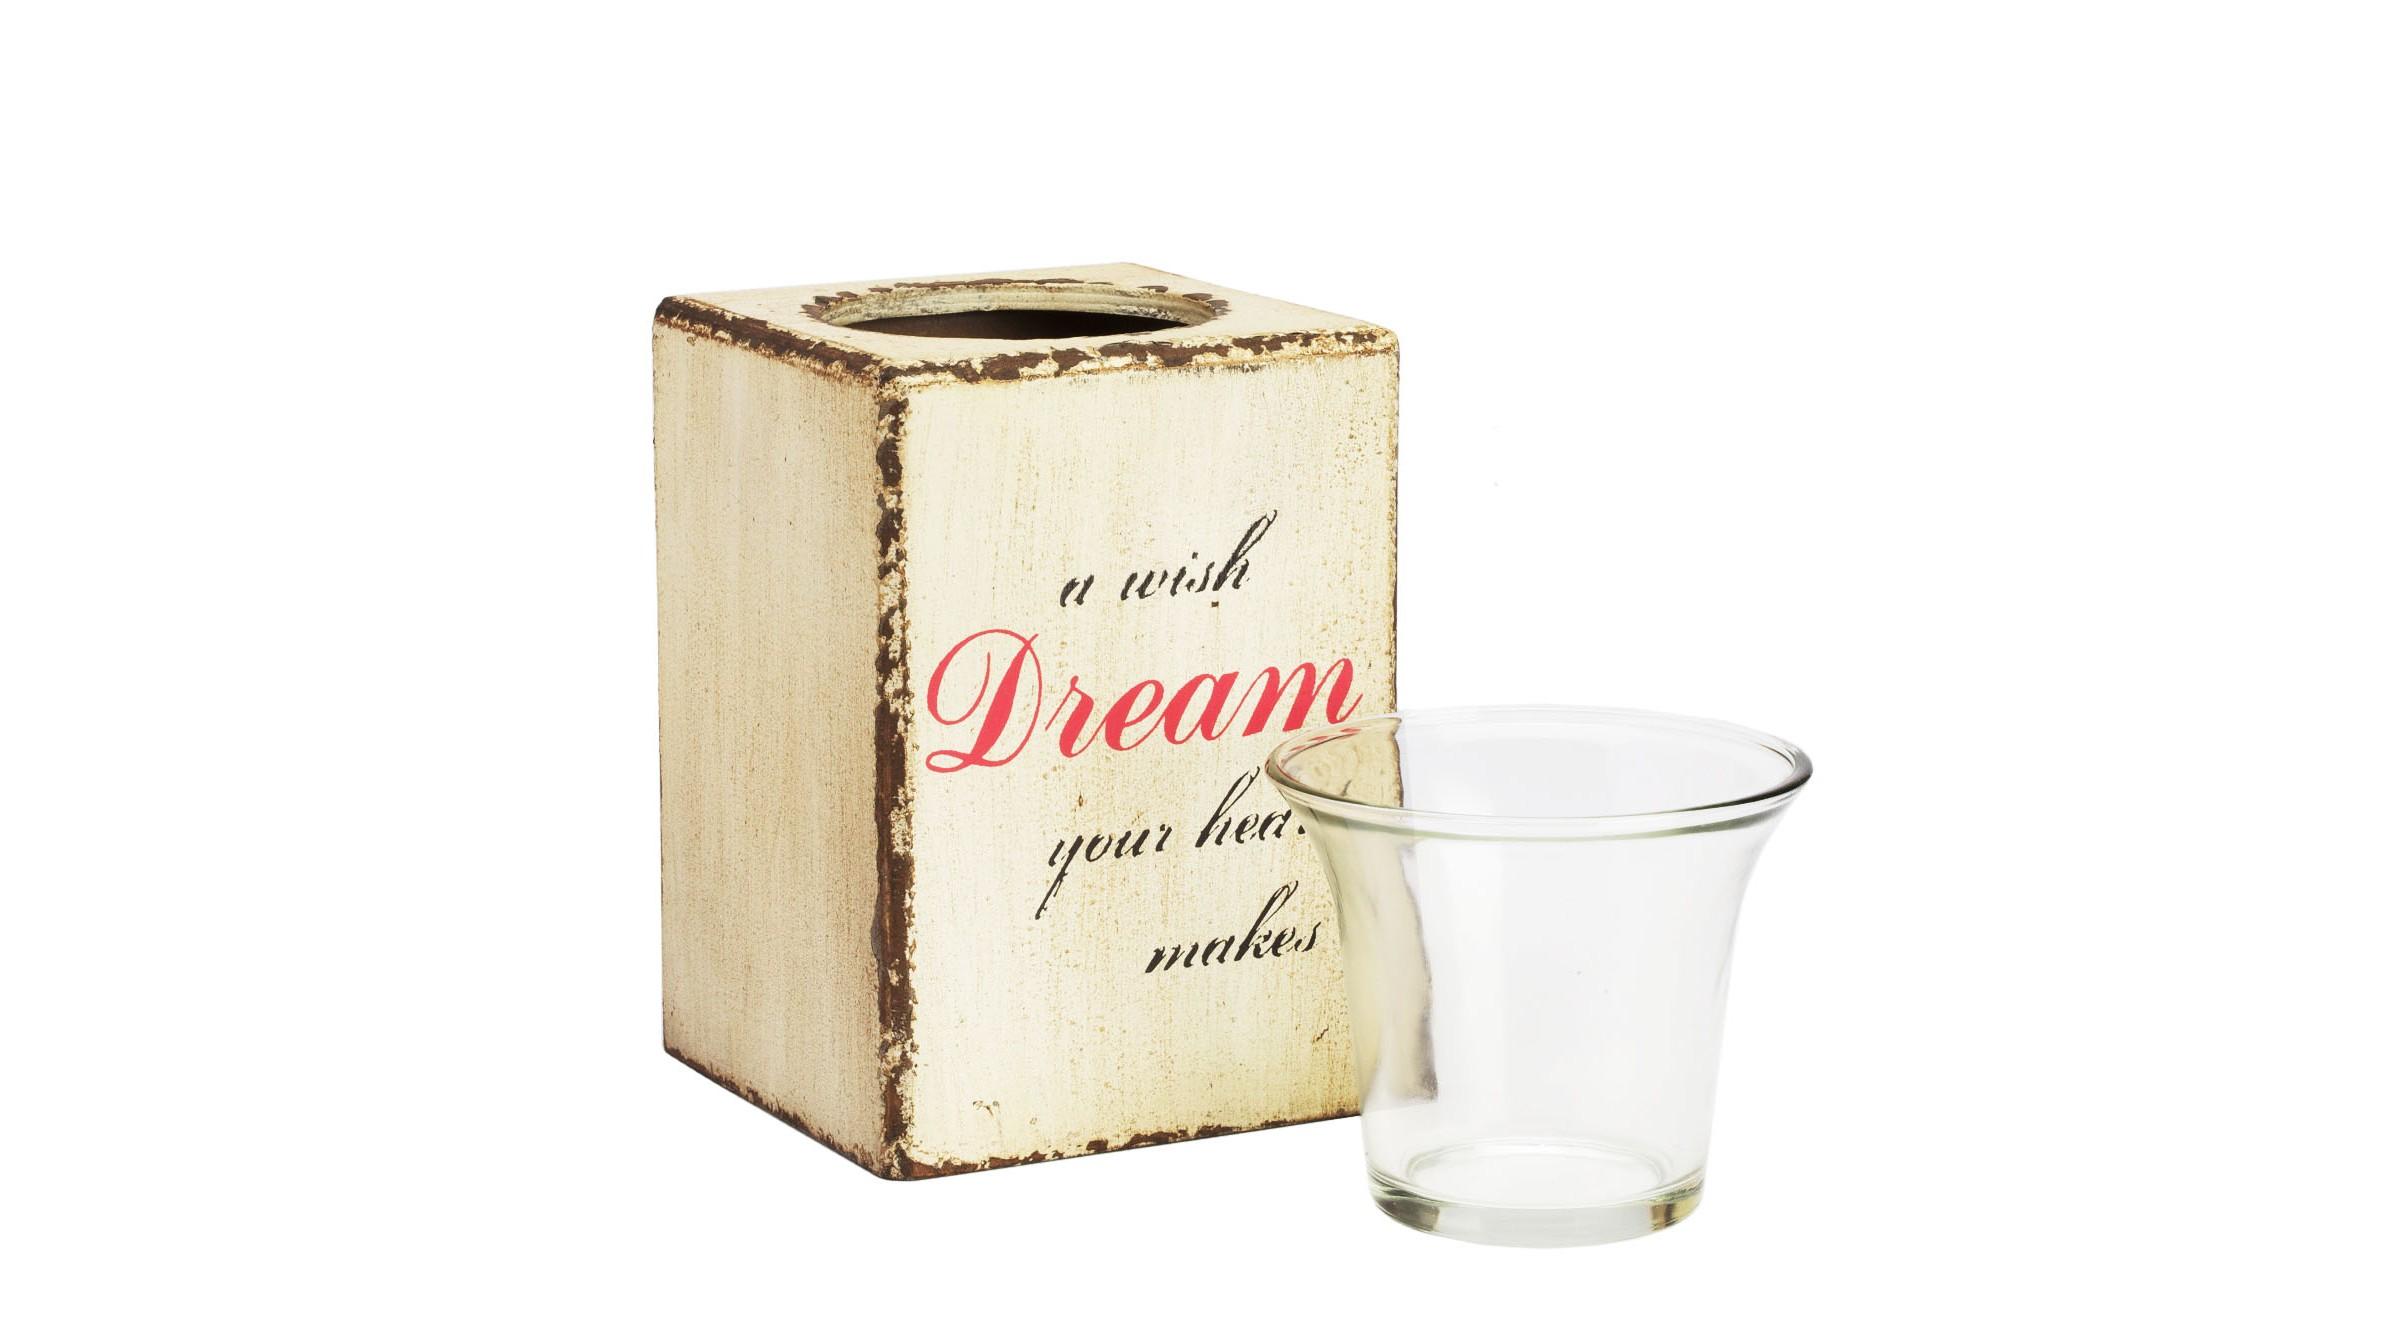 Подсвечник Provence CreamПодсвечники<br>Цветущие фруктовые сады, яркое солнце, теплое море и крики чаек над волнами — все это стиль Прованс с его уютными белеными домами, ненавязчивым изобилием и забытыми воспоминаниями из детства. Оригинальный подсвечник Provence Dream с надписью «A wish dream your heart makes (Мечта — это желание вашего сердца)» выполнен в светлых бежевых тонах, словно подчеркивающих теплое мерцание свечи и создающих романтическое, летнее настроение. Простота и незамысловатость линий дополняют ощущение размеренной и неторопливой жизни.<br><br>Material: МДФ<br>Width см: 10<br>Depth см: 10<br>Height см: 15